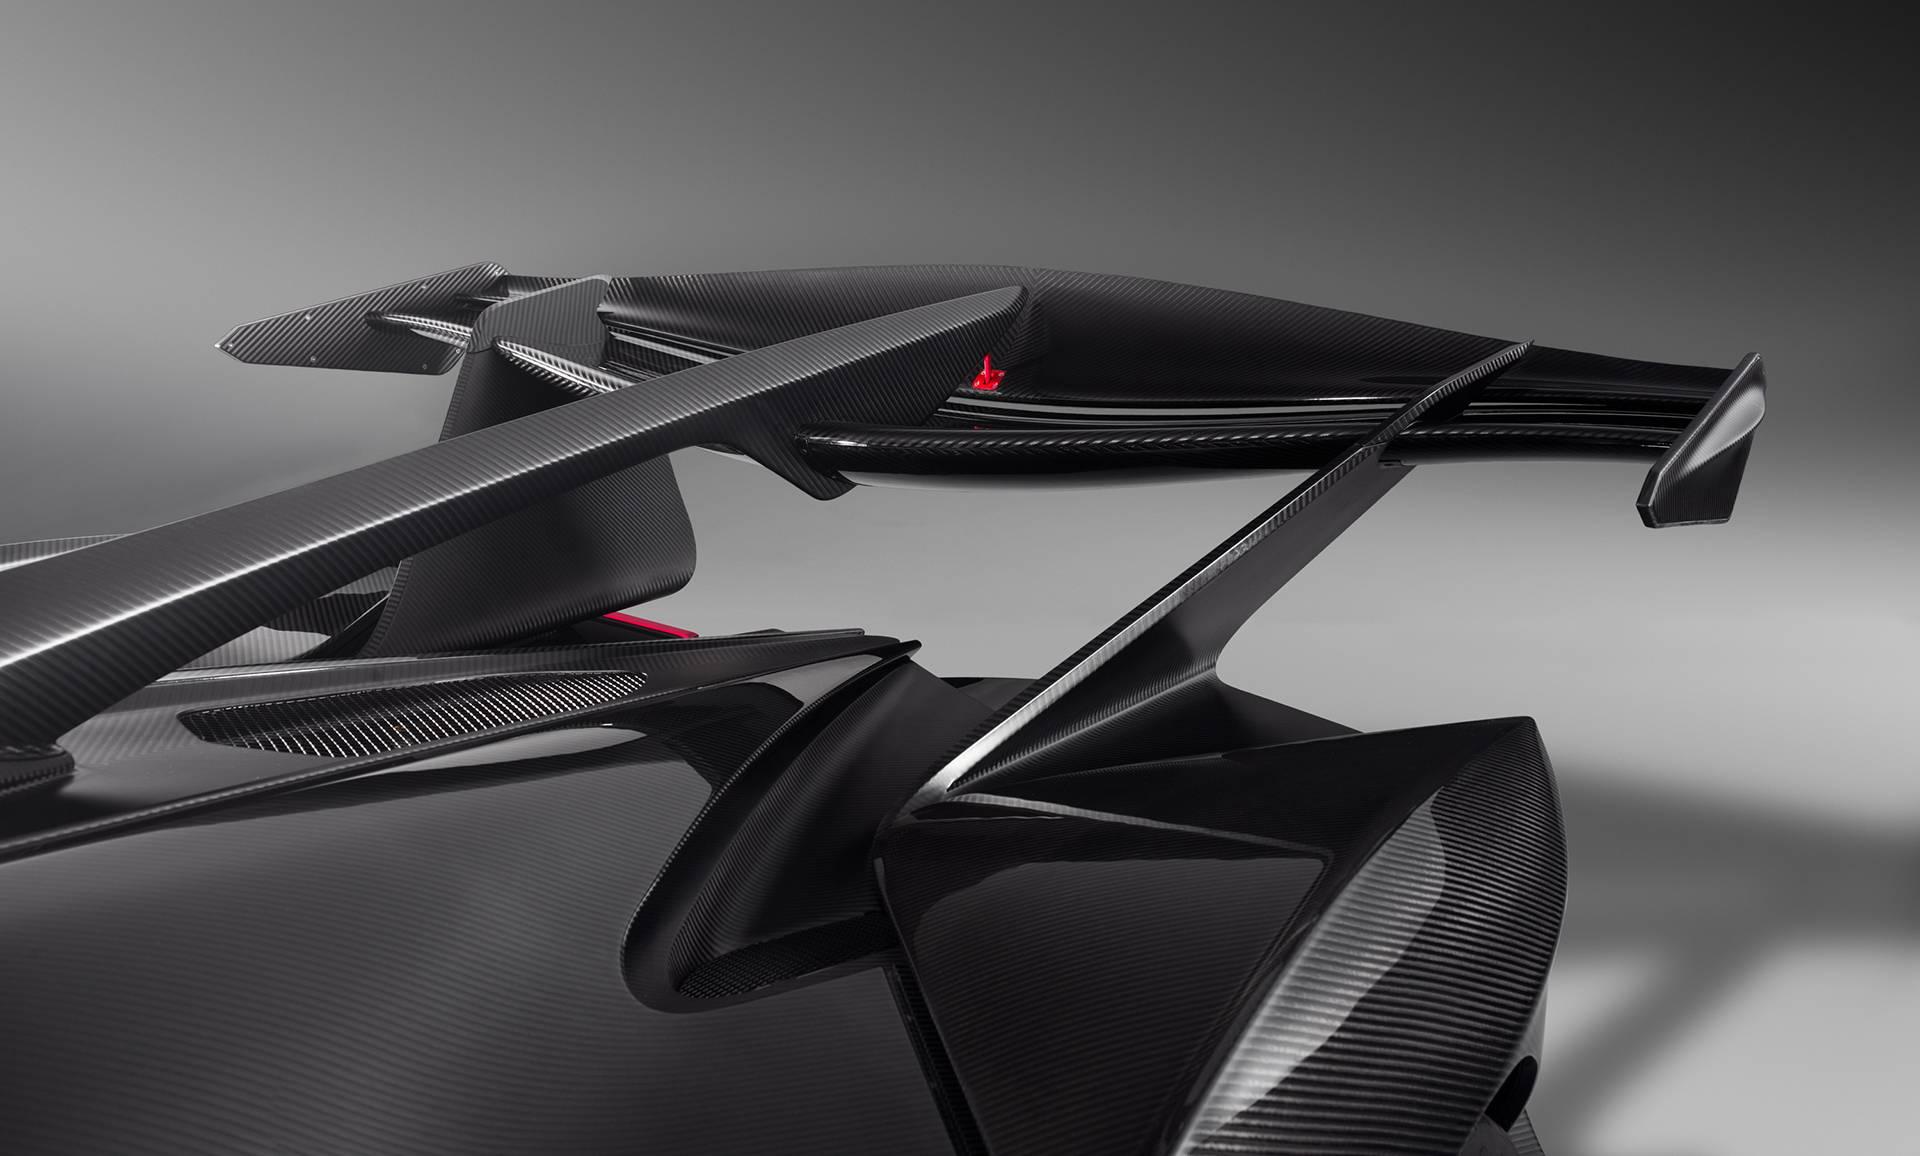 Первый автомобиль Apollo Automobil будет ограничен десятью экземплярами каждый из которых может быть настроен индивидуально. Цены начинаются от $2,7 миллионов долларов в Италии.